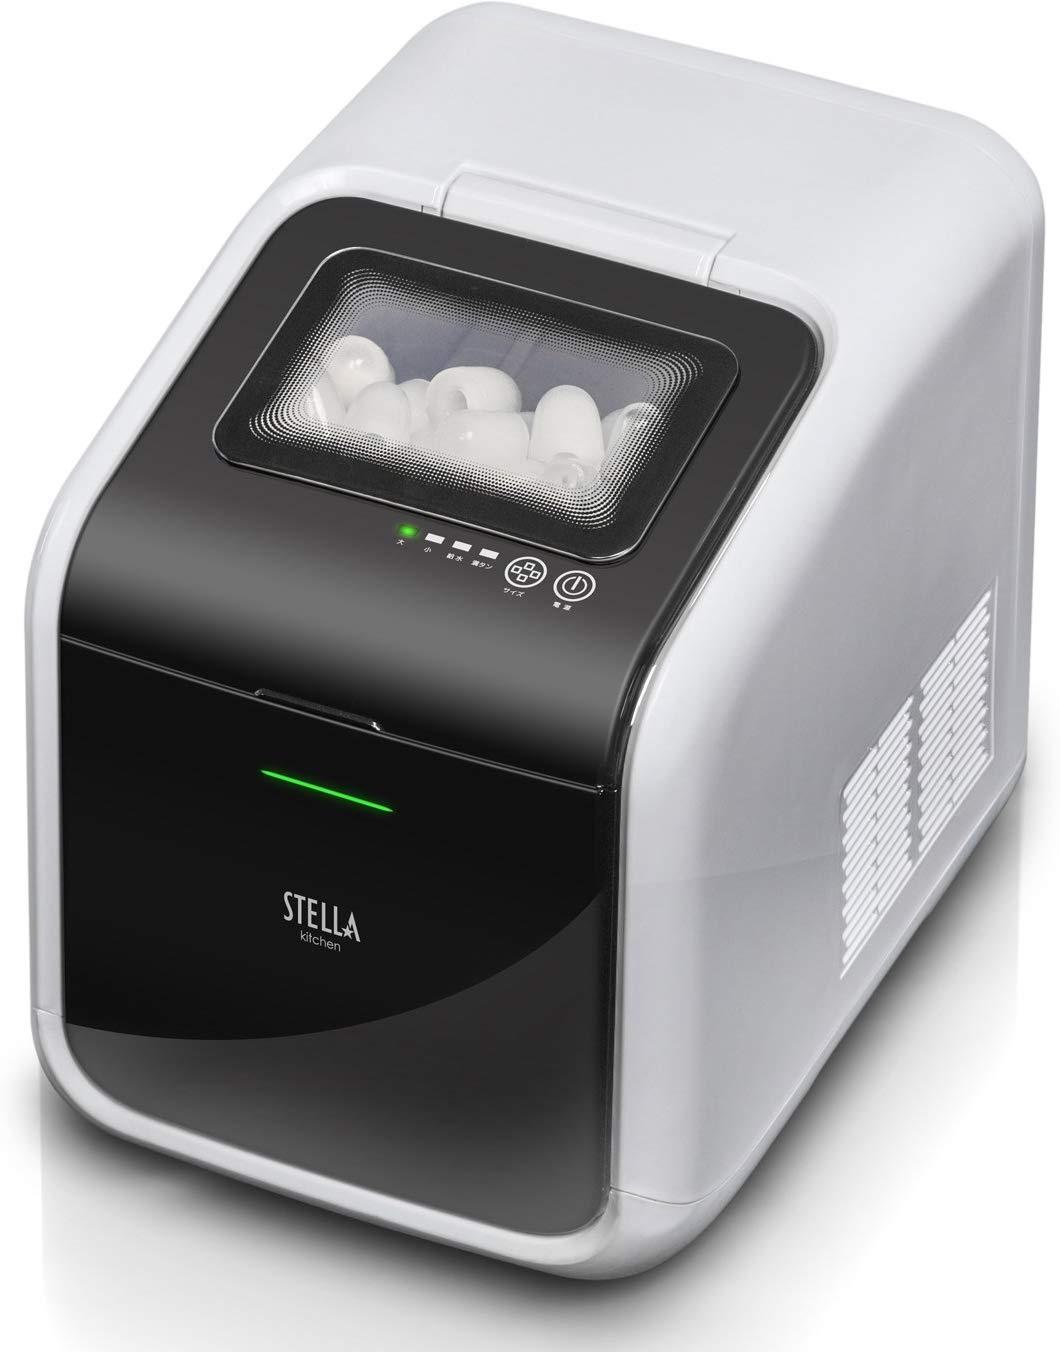 家庭用製氷機のおすすめ6選!透明なロックアイスを作れるタイプも